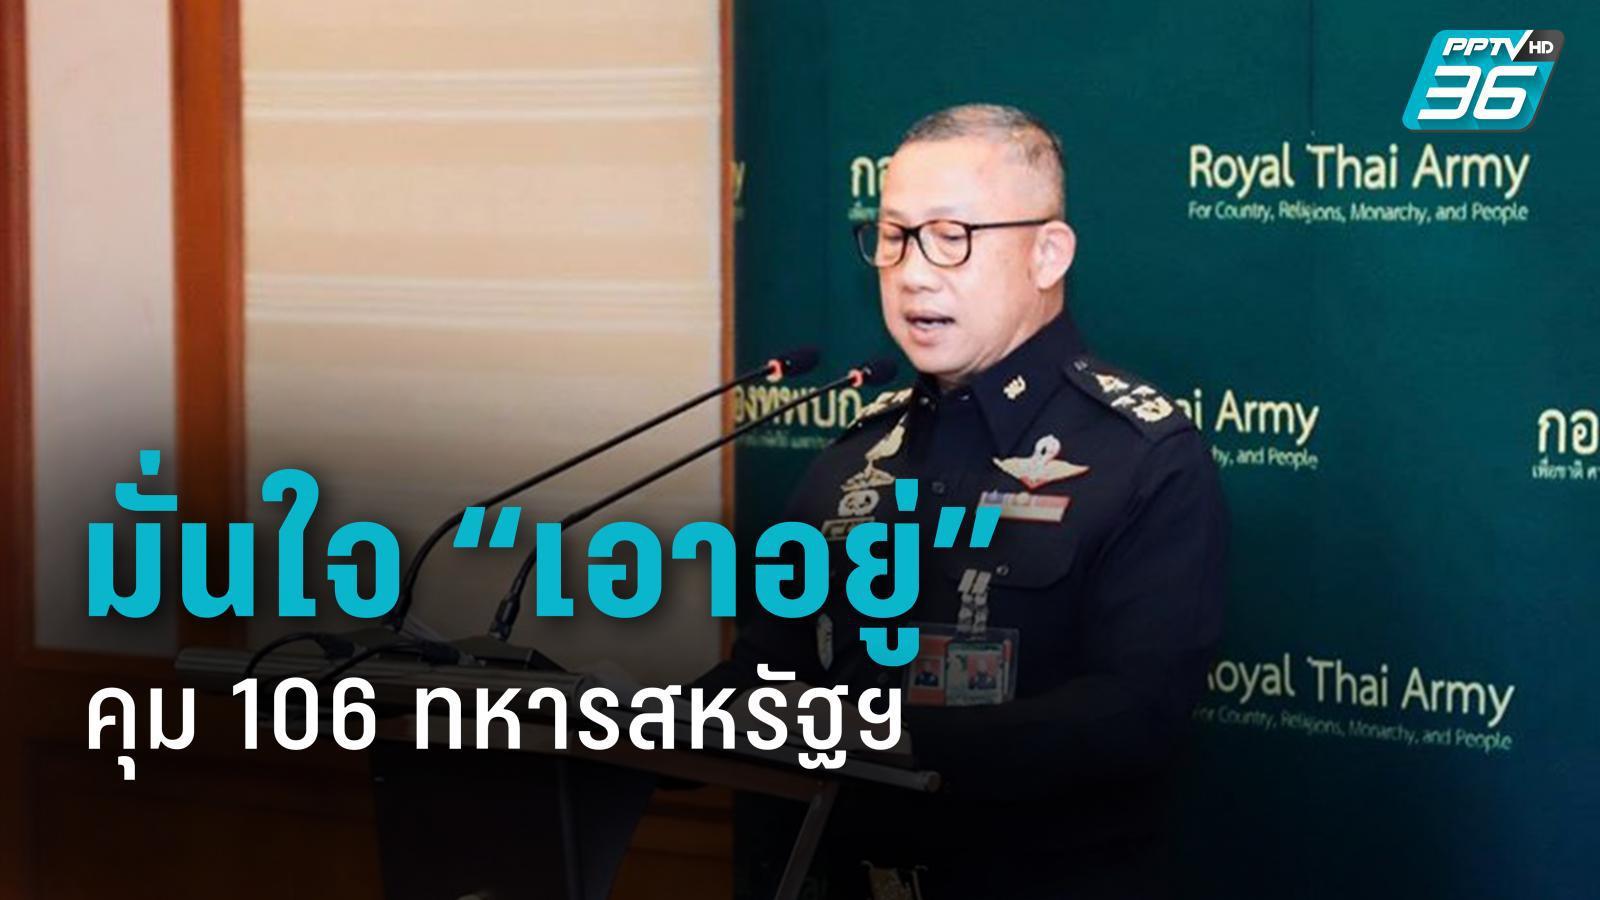 ทบ.ลั่นคุ้มค่าเพื่อพัฒนาทหารไทย รับสหรัฐฯฝึก ยันคุมเข้ม!! 